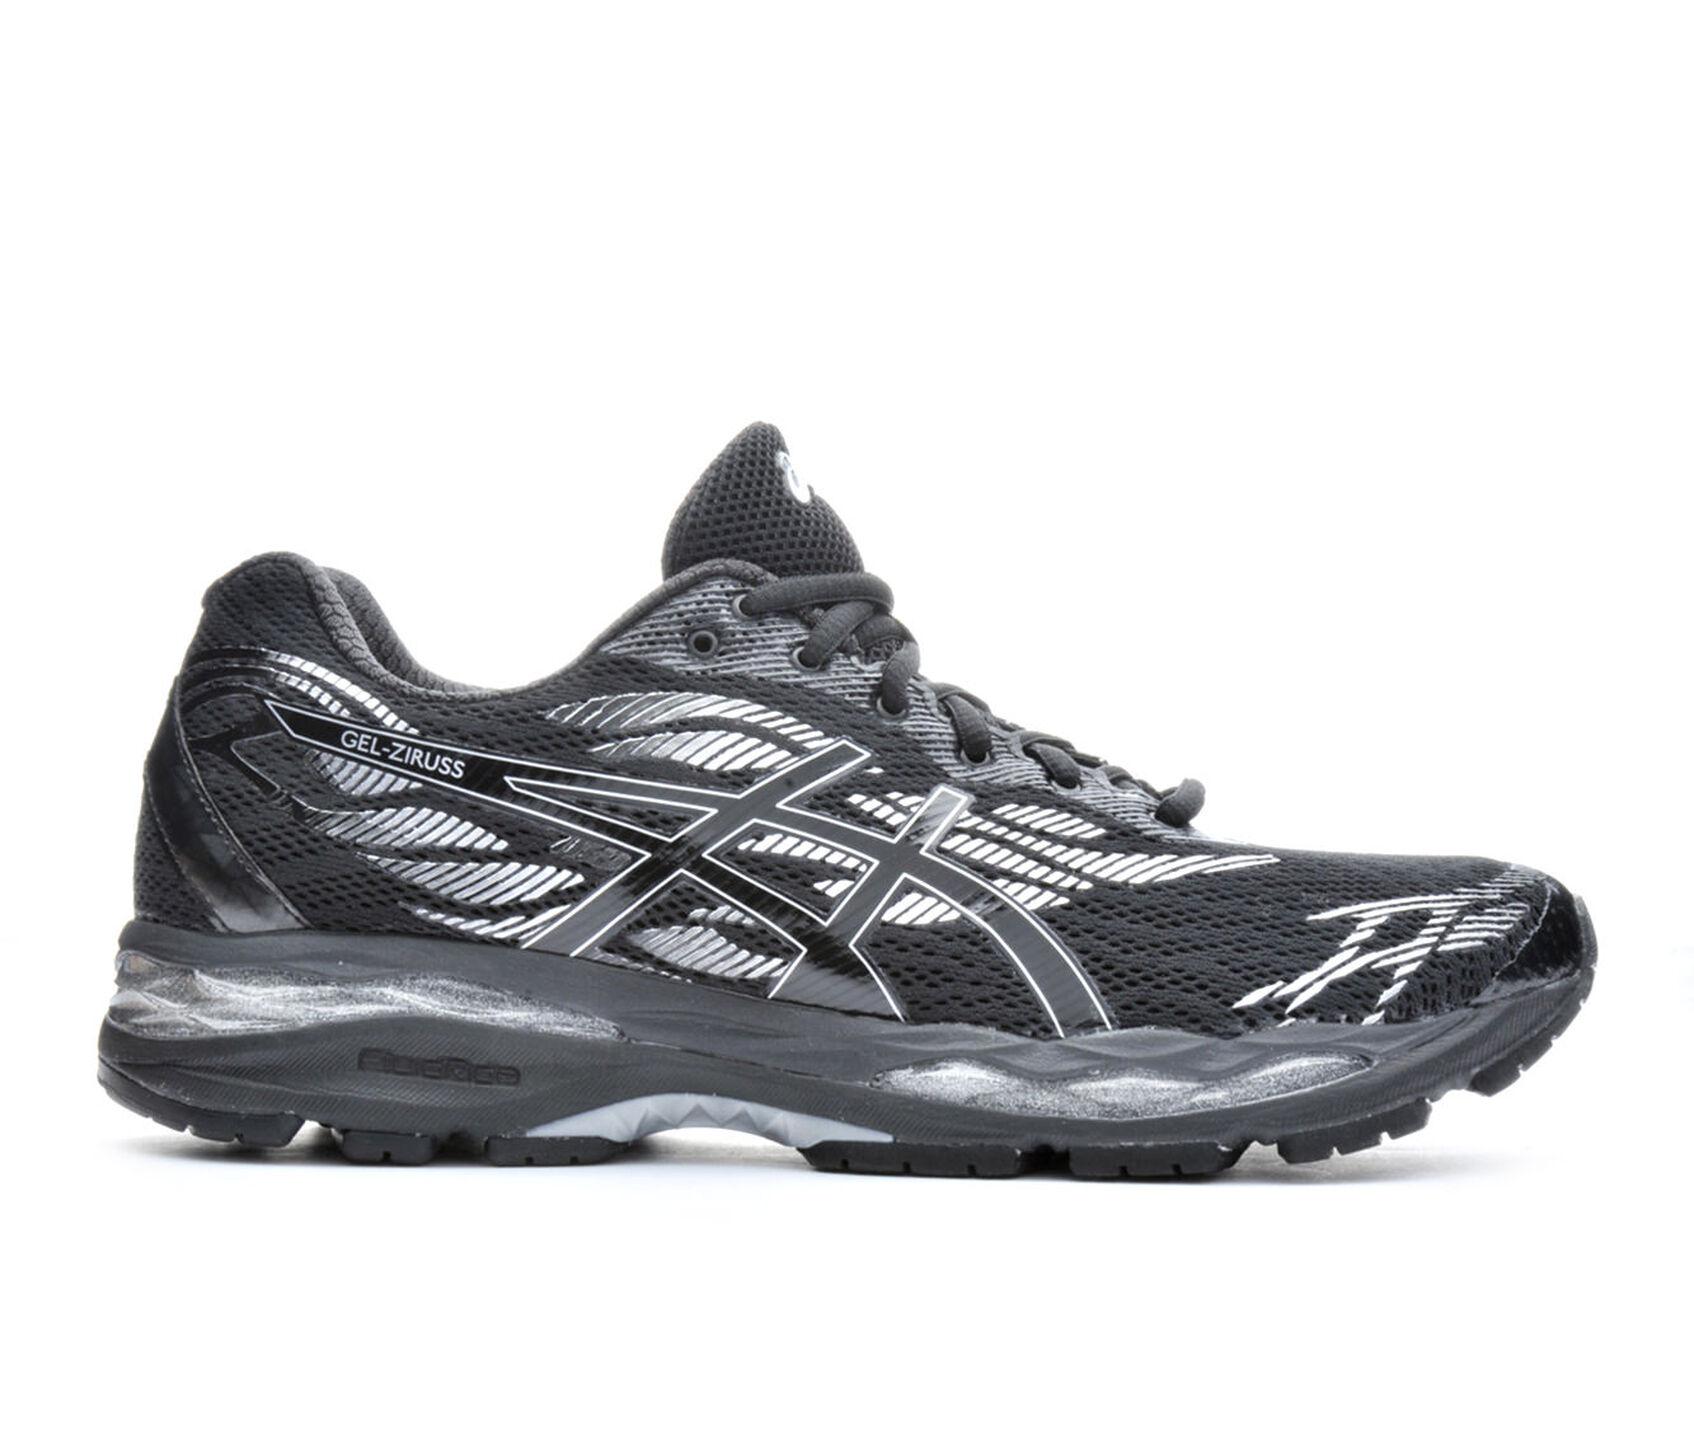 89ba8a8ba50e ... ASICS Gel Ziruss Running Shoes. Carousel Controls